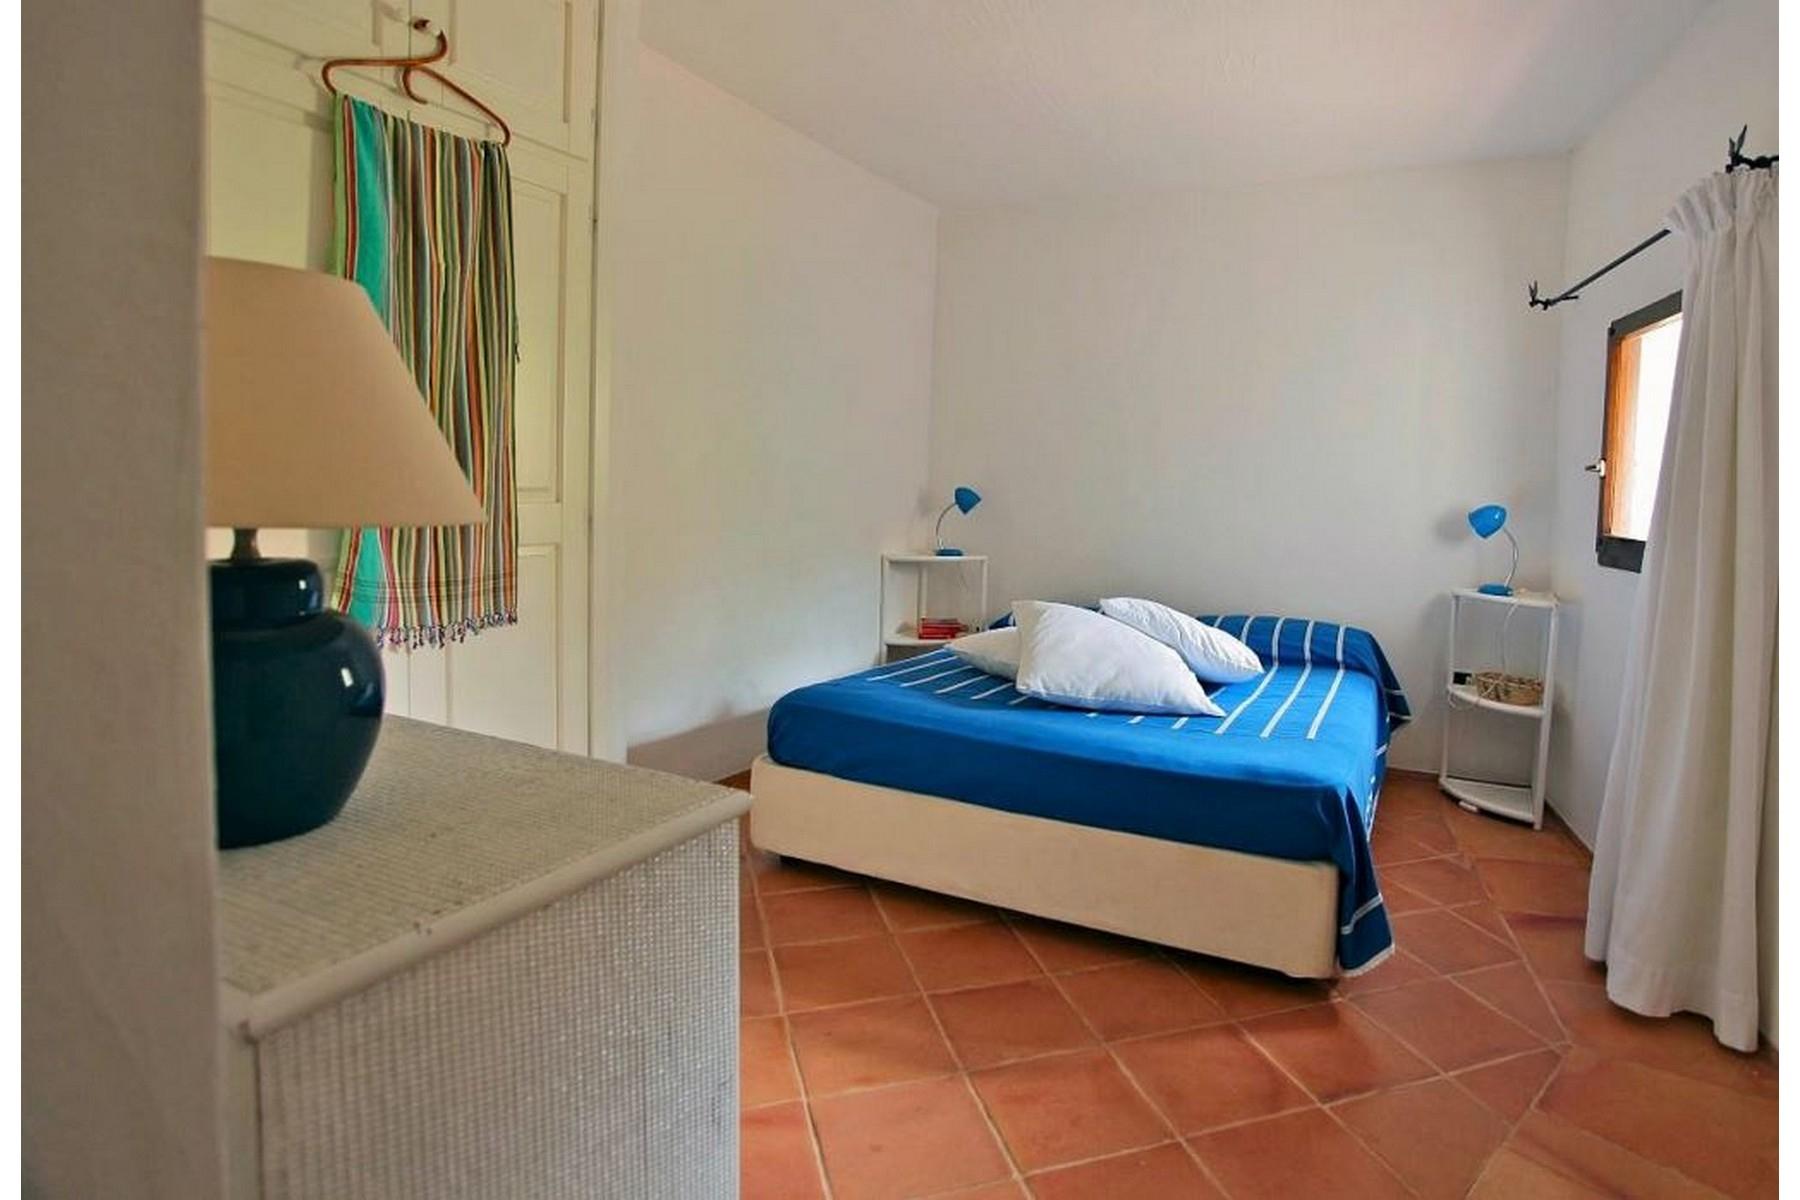 Casa indipendente in Vendita a Arzachena: 5 locali, 117 mq - Foto 13